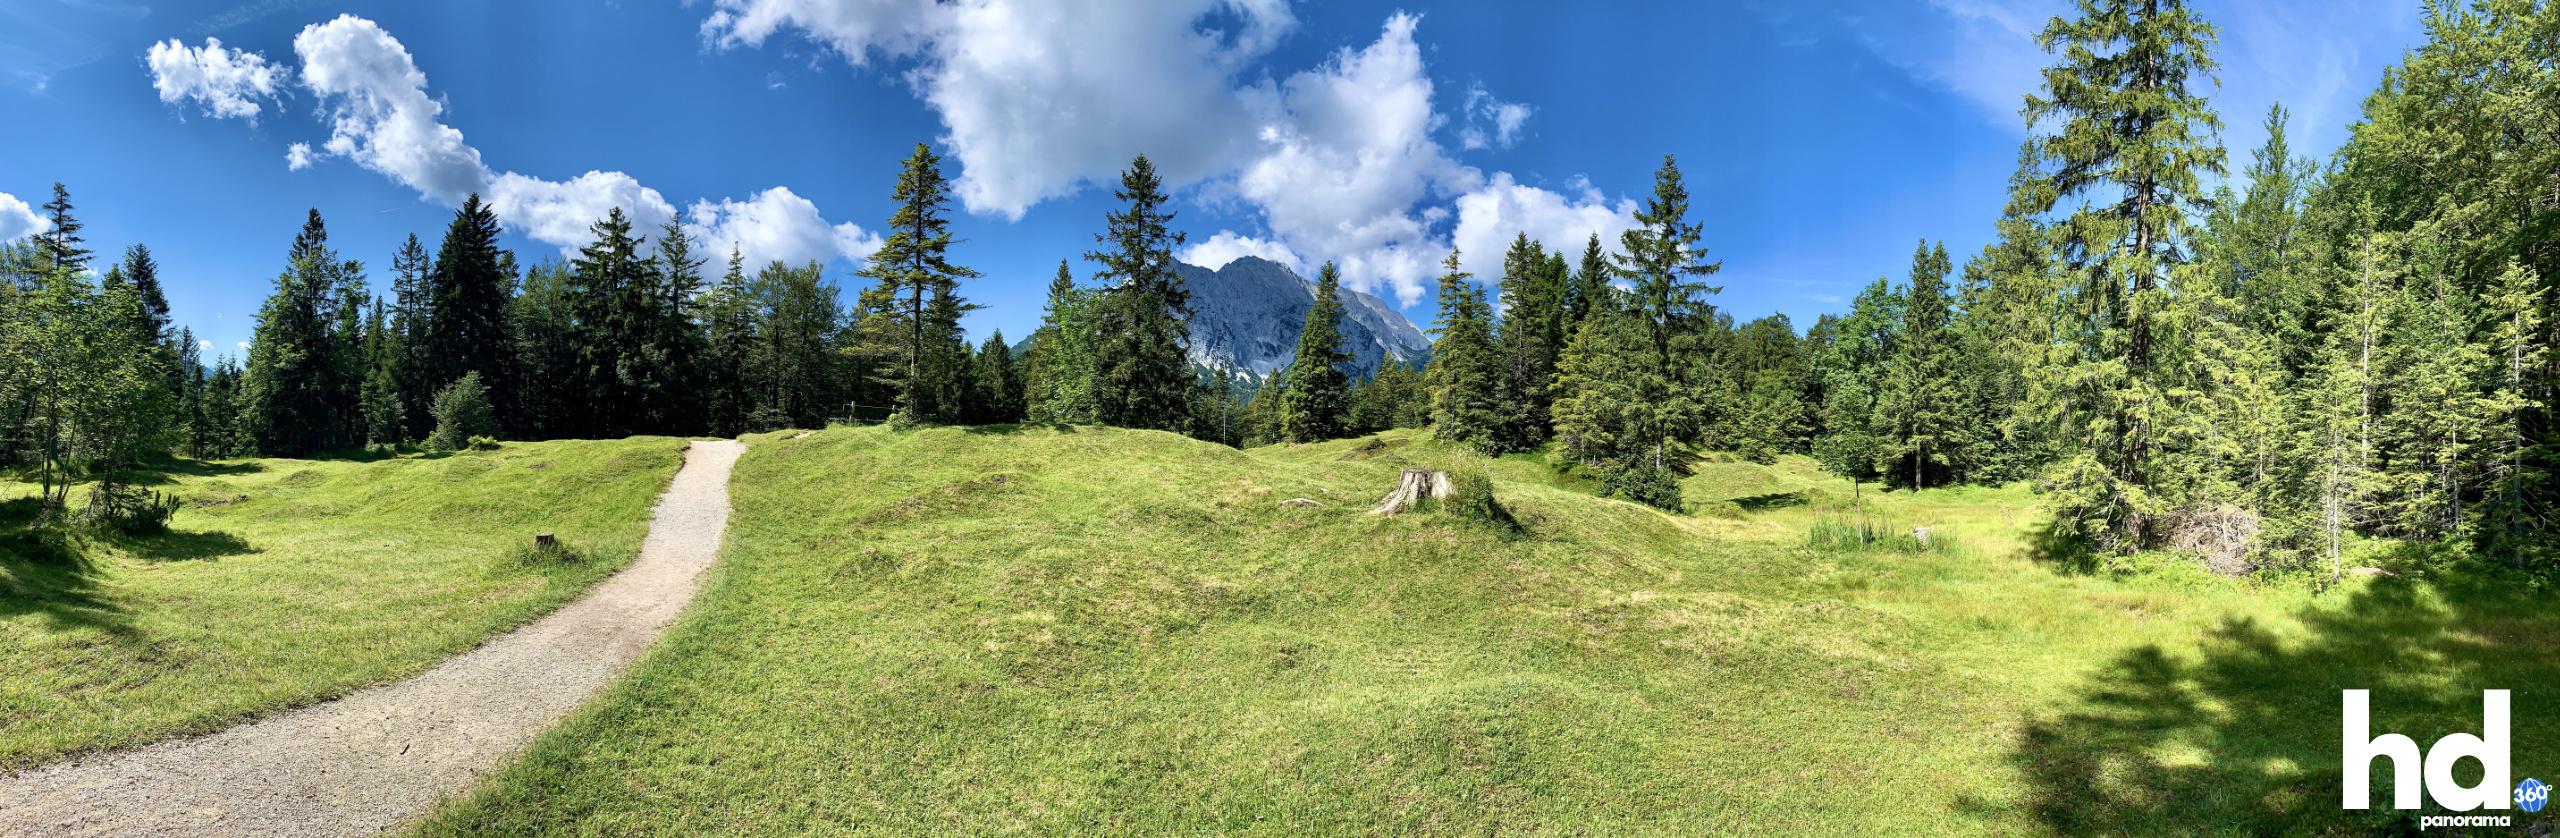 Wanderweg Großer Kranzberg zum Ferchensee Mittenwald - Foto © HD-Panorama